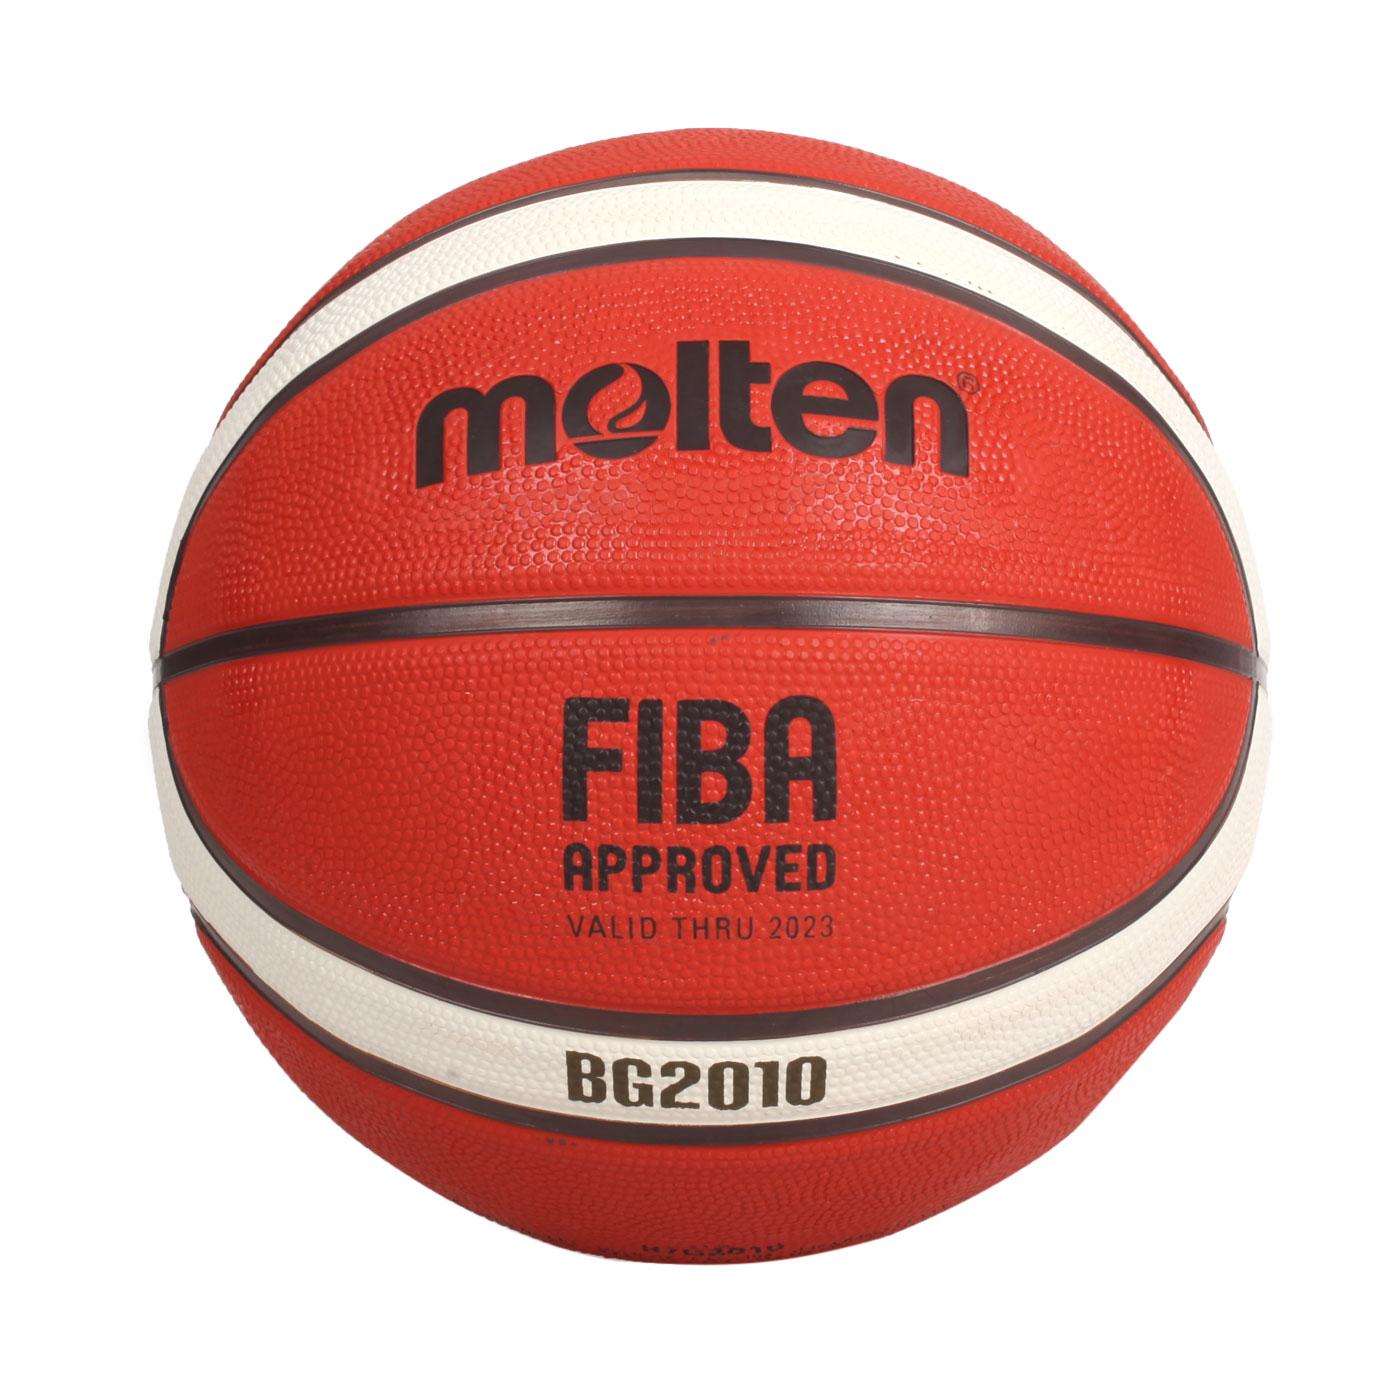 Molten 12片橡膠深溝籃球#7 B7G2010 - 橘米白